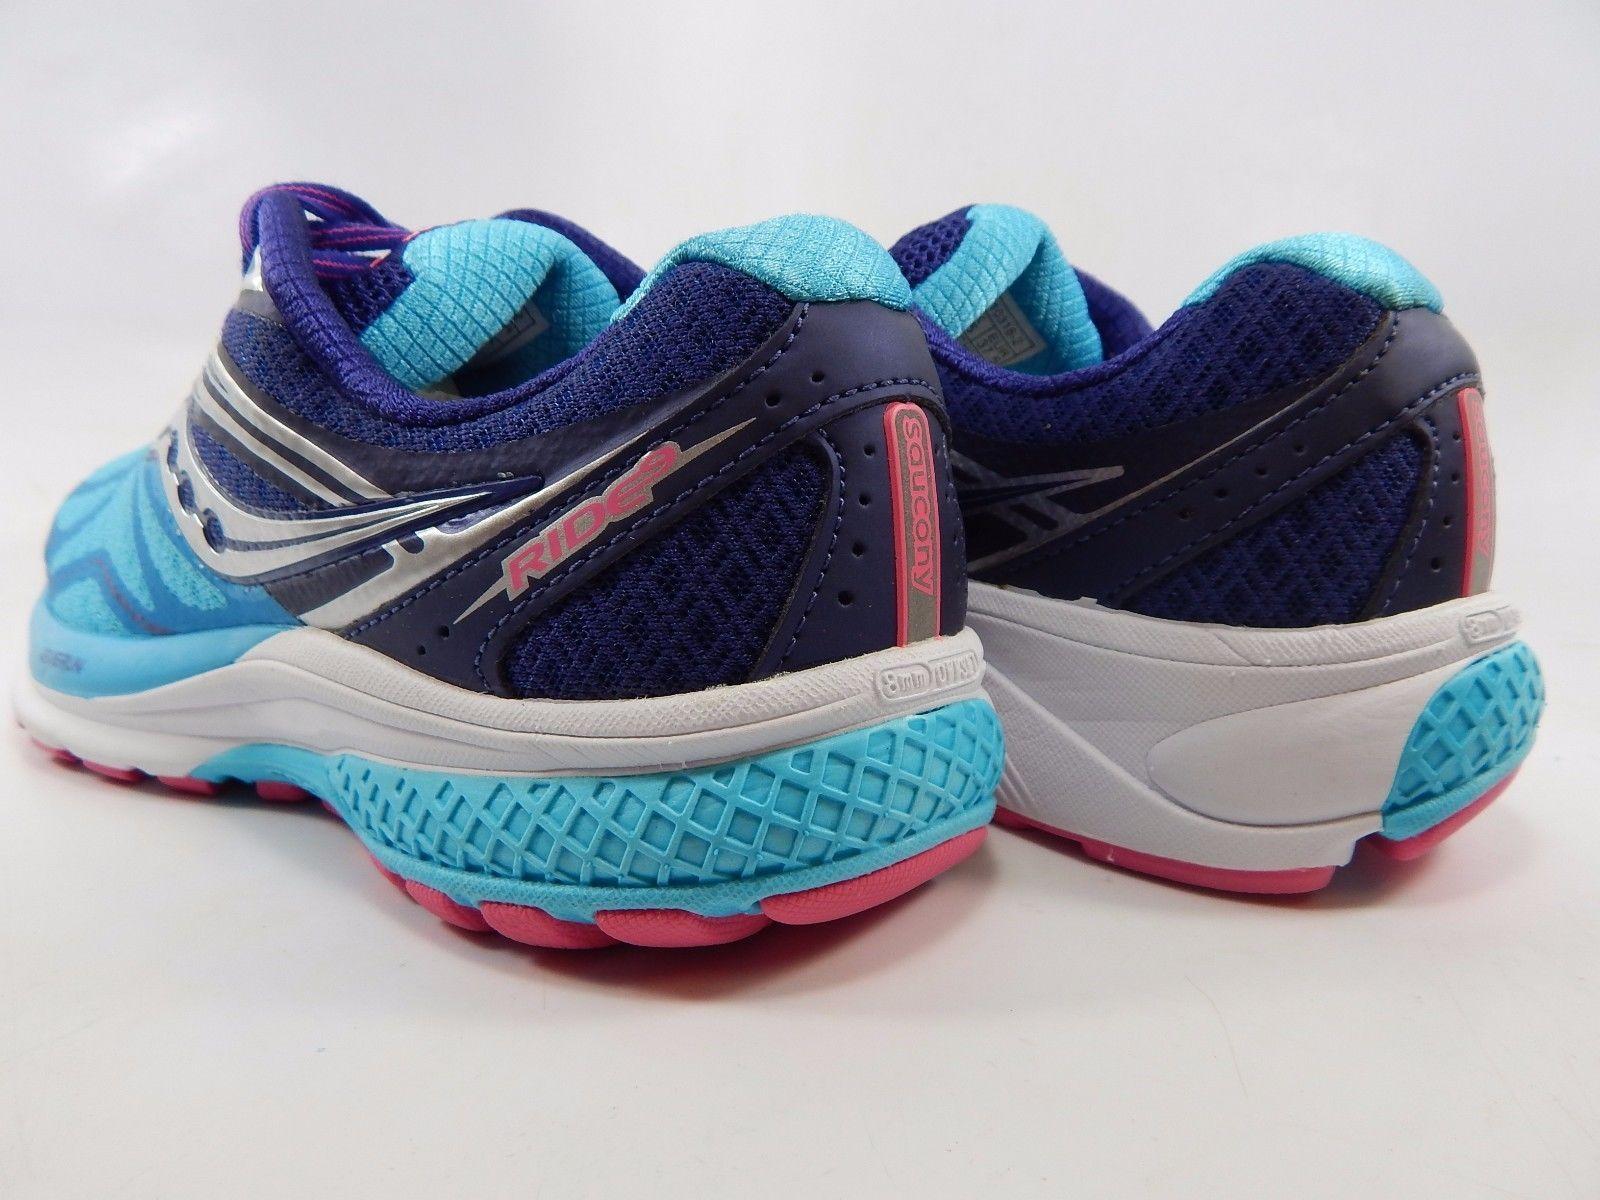 MISMATCH Saucony Ride 9 Women's Shoes Size 7 M (B) Left & Size 6.5 M (B) Right